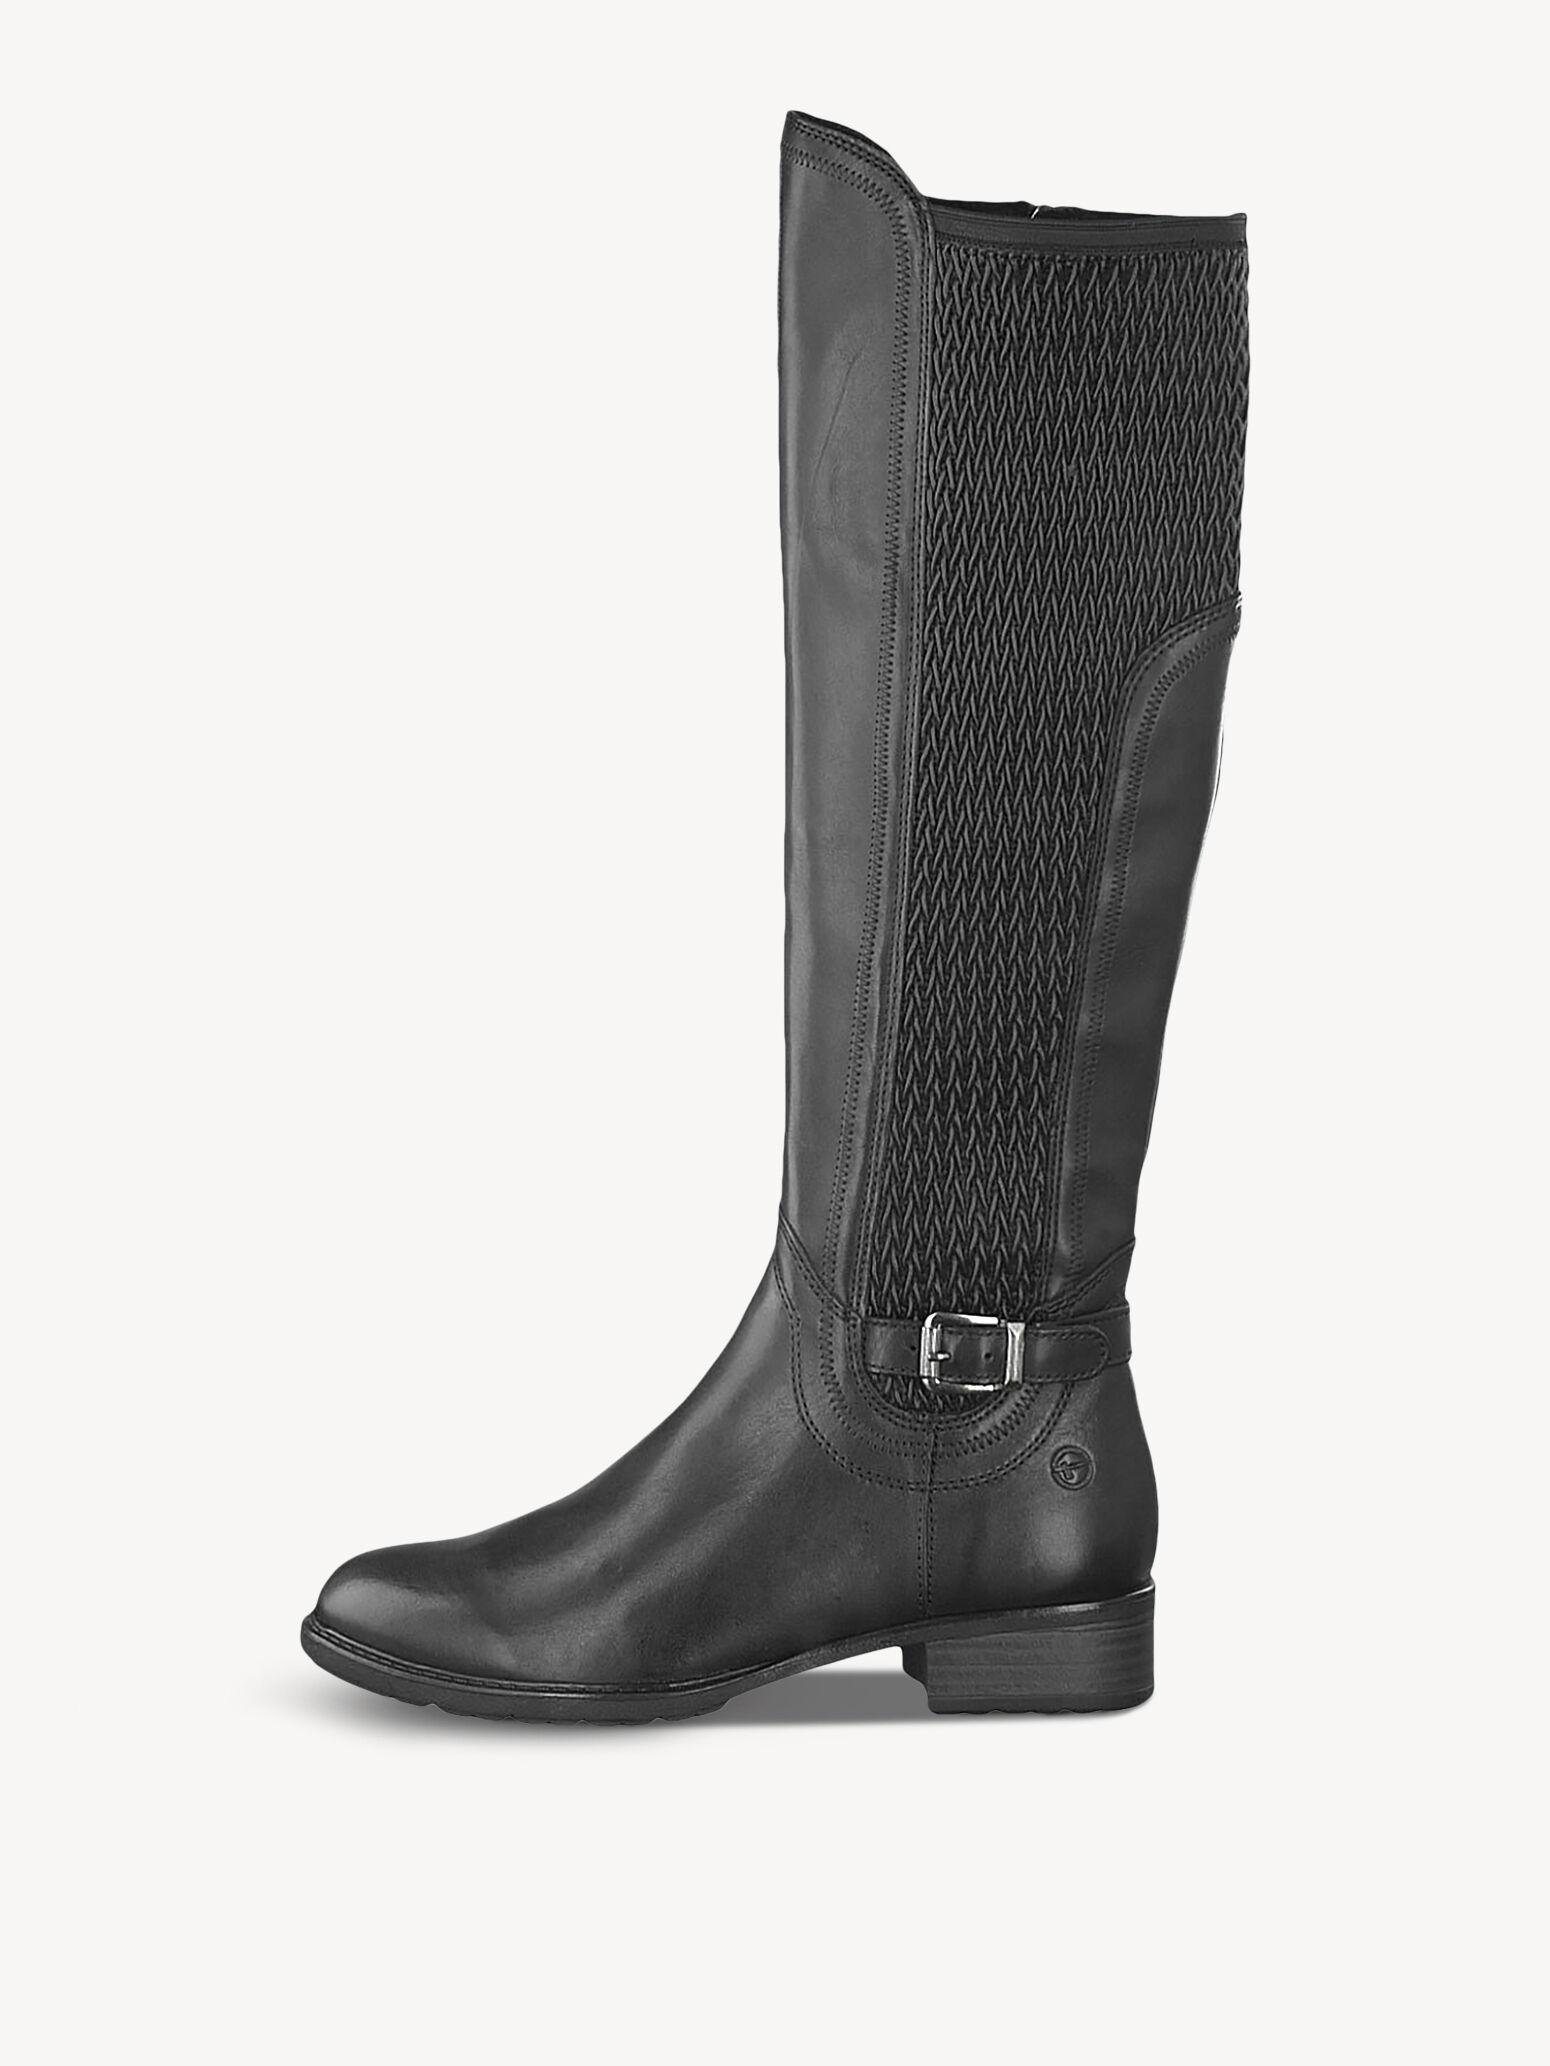 Braune Stiefel mit schmalem Schaft, Tamaris, glattleder